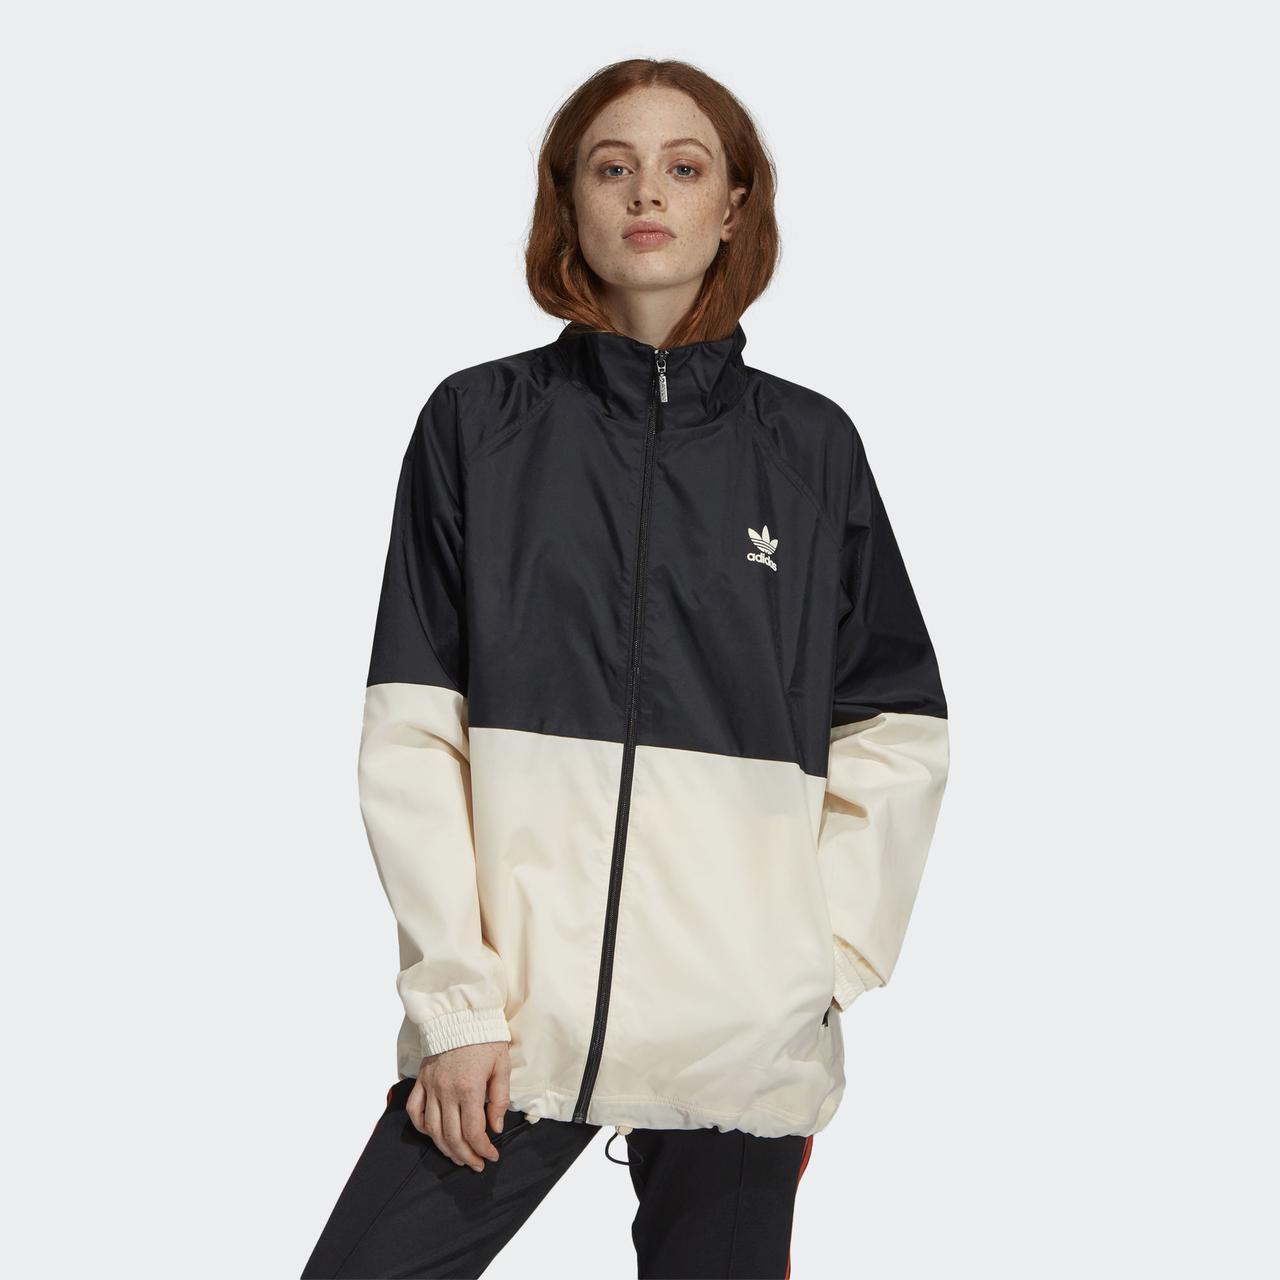 115f1648 Ветровка женская Adidas Colorblock W DU9937 - 2019 - Интернет магазин Tip -  все типы товаров